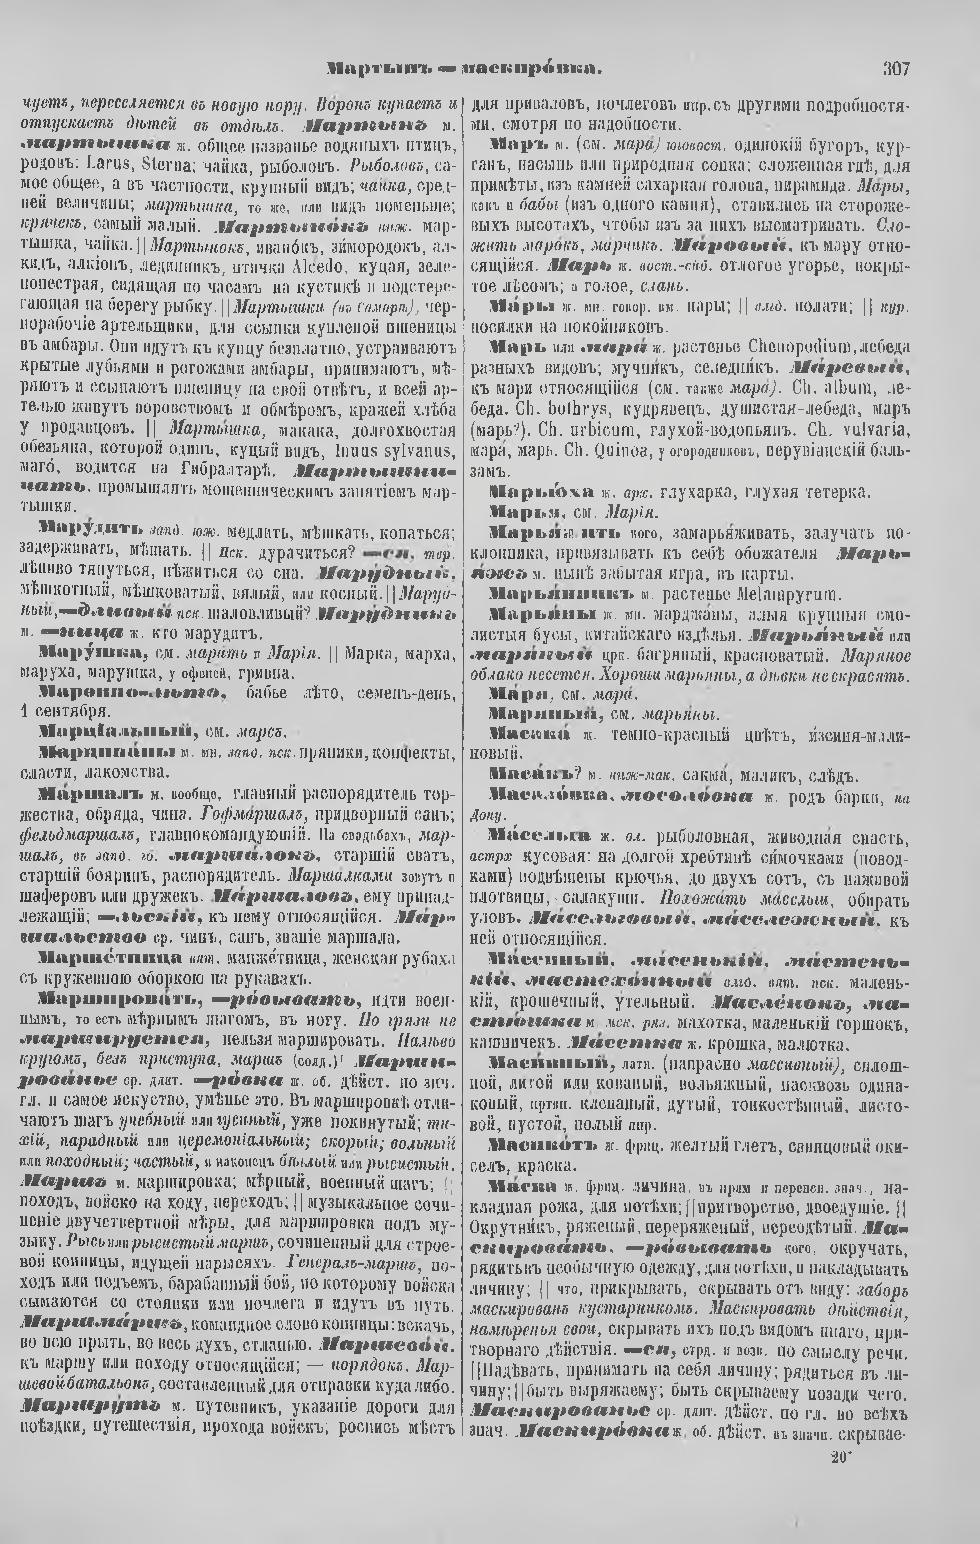 маскарад это толковый словарь ожегова